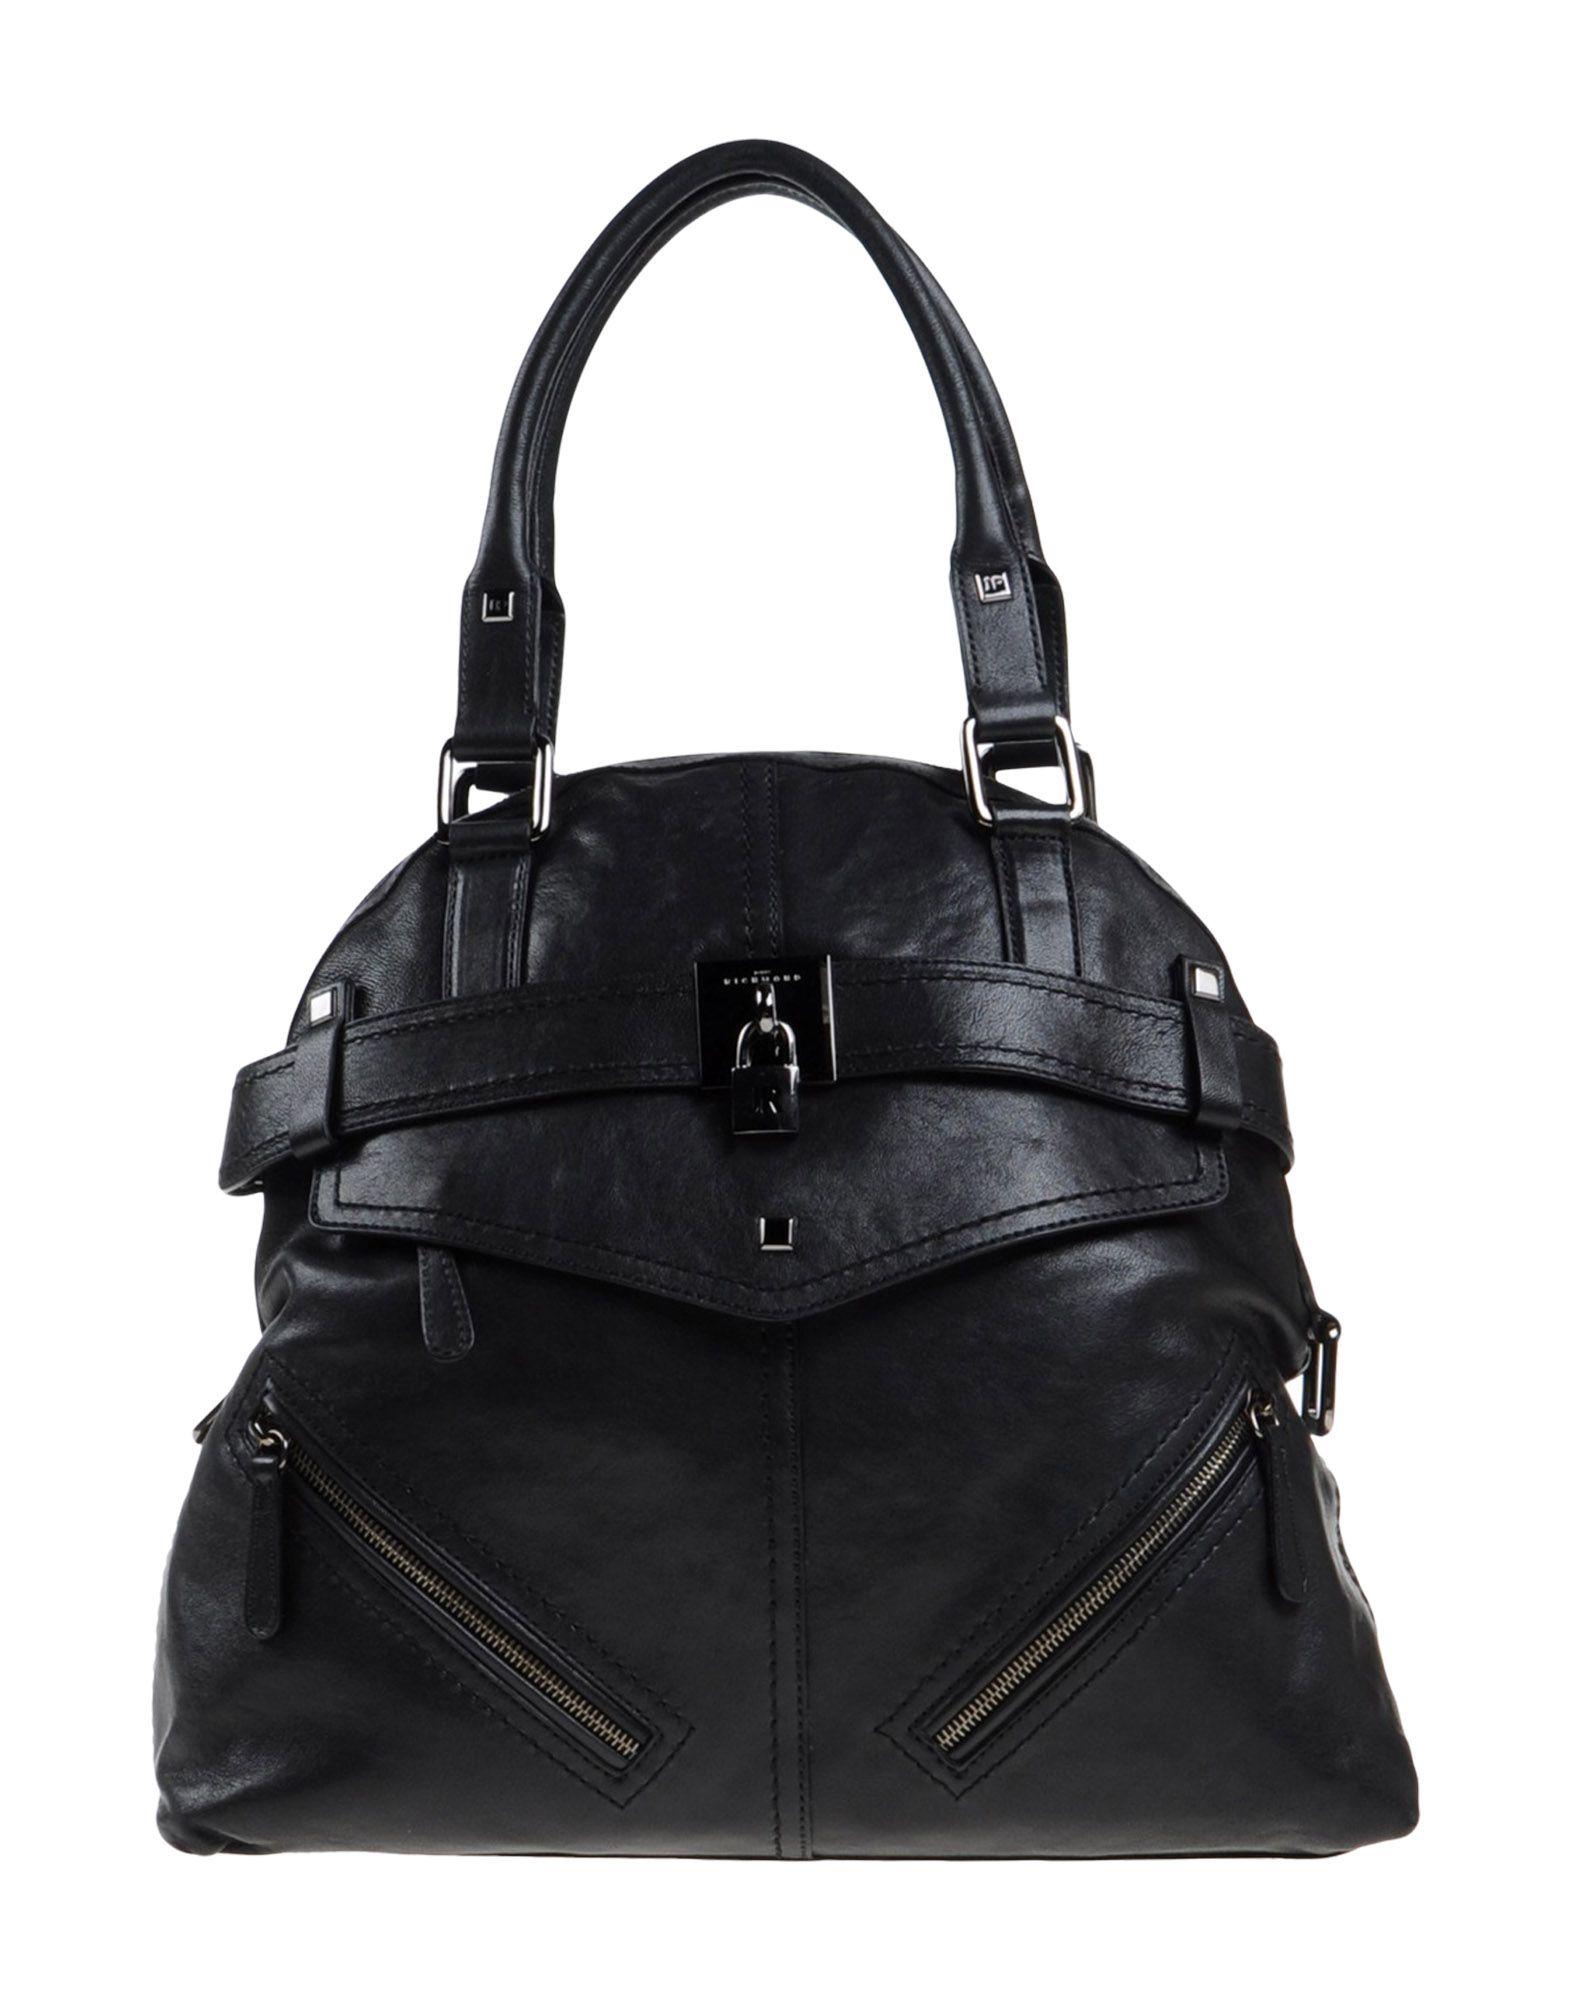 John richmond Handbag in Black